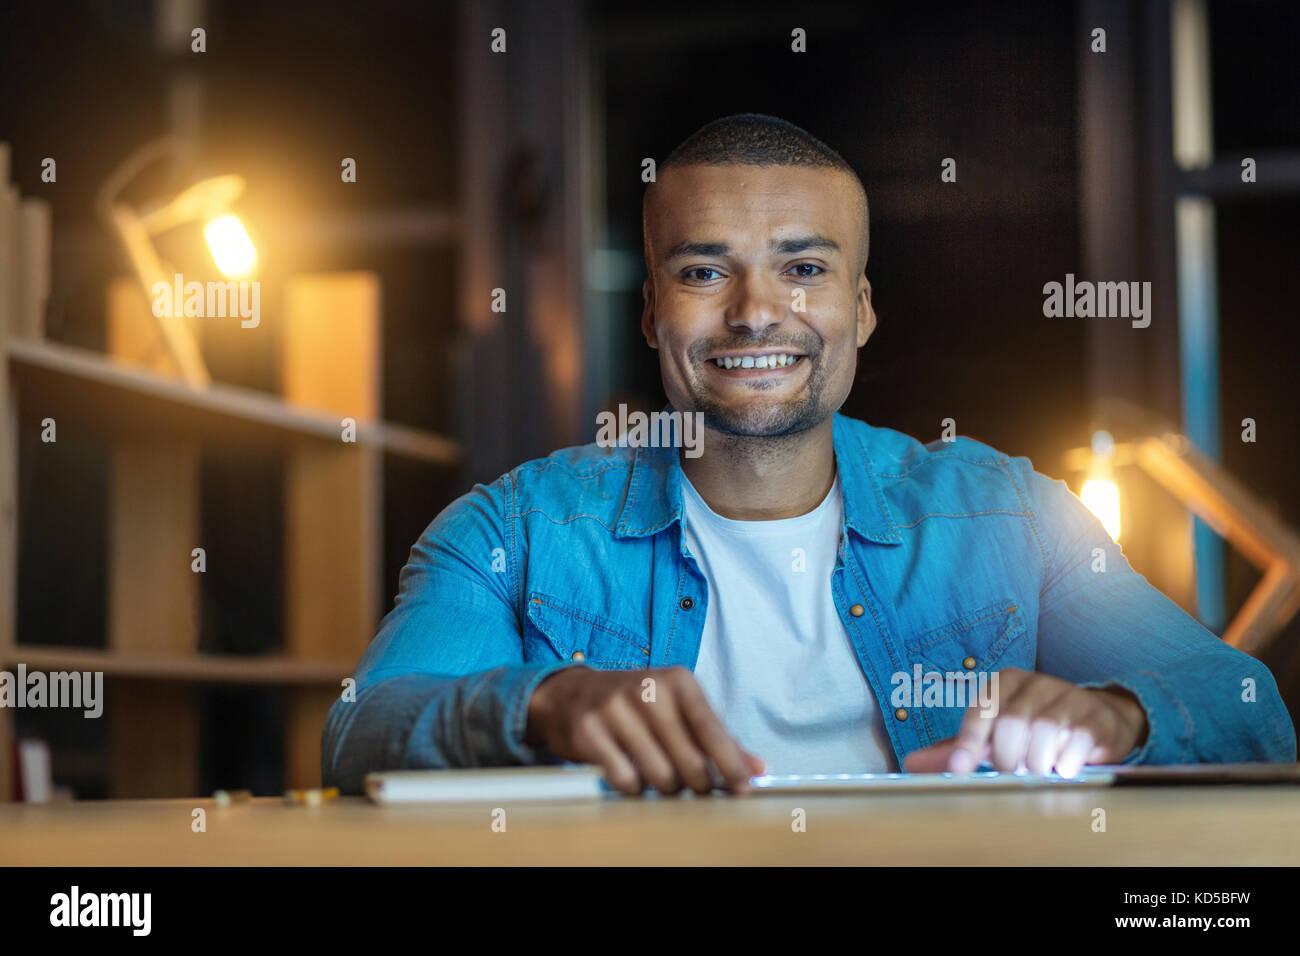 Lächelnd, männliche Person sehr froh Stockbild